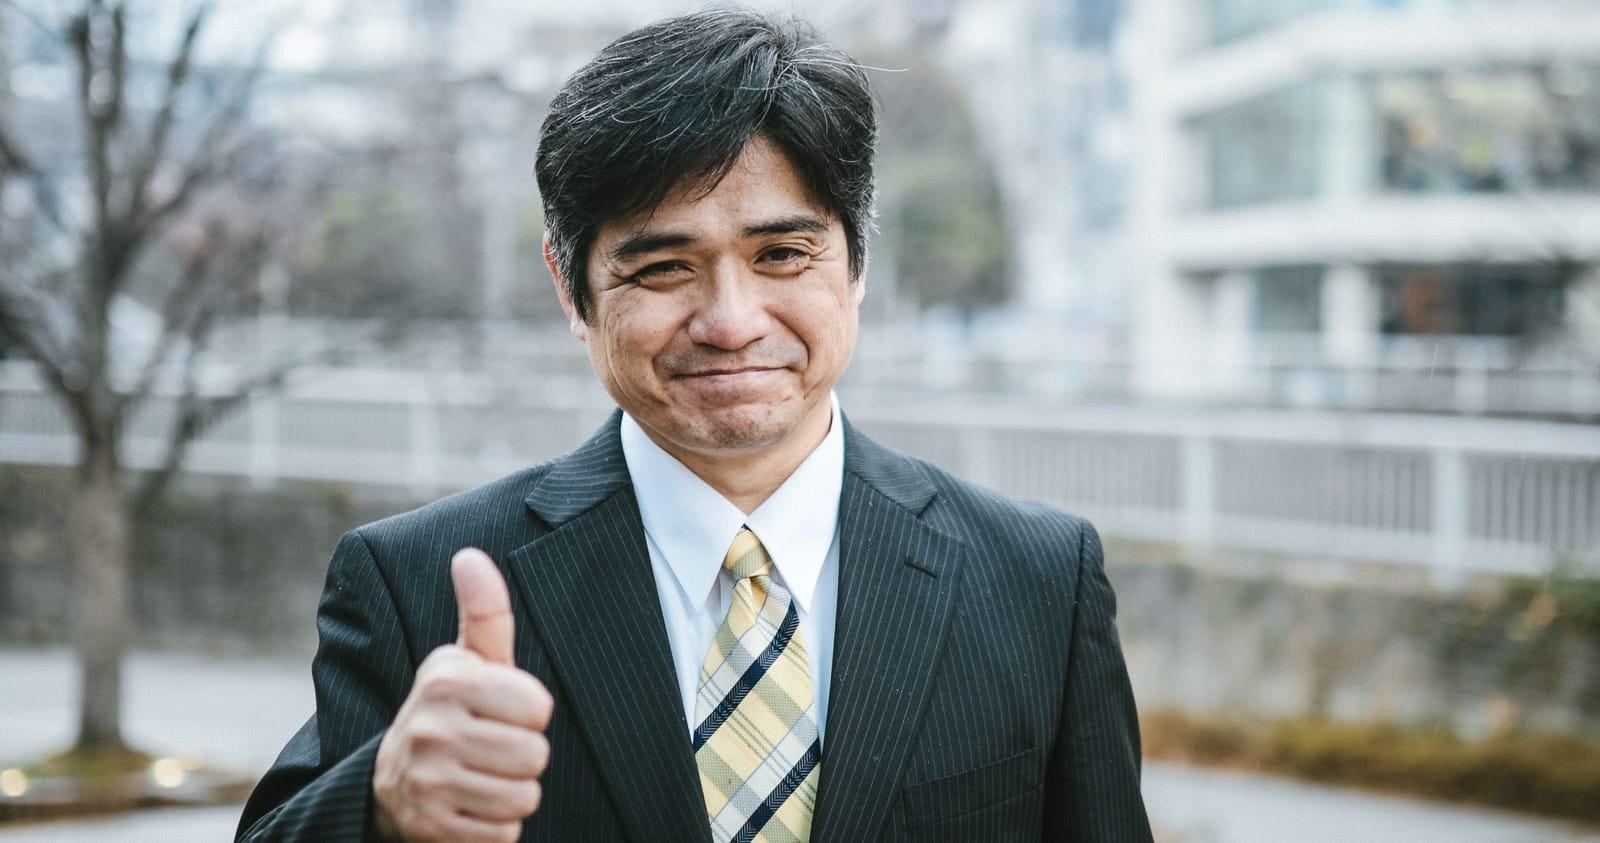 佐野がAmazonせどりで月1184万稼ぐ時にやったこと考えたこと7つのこと